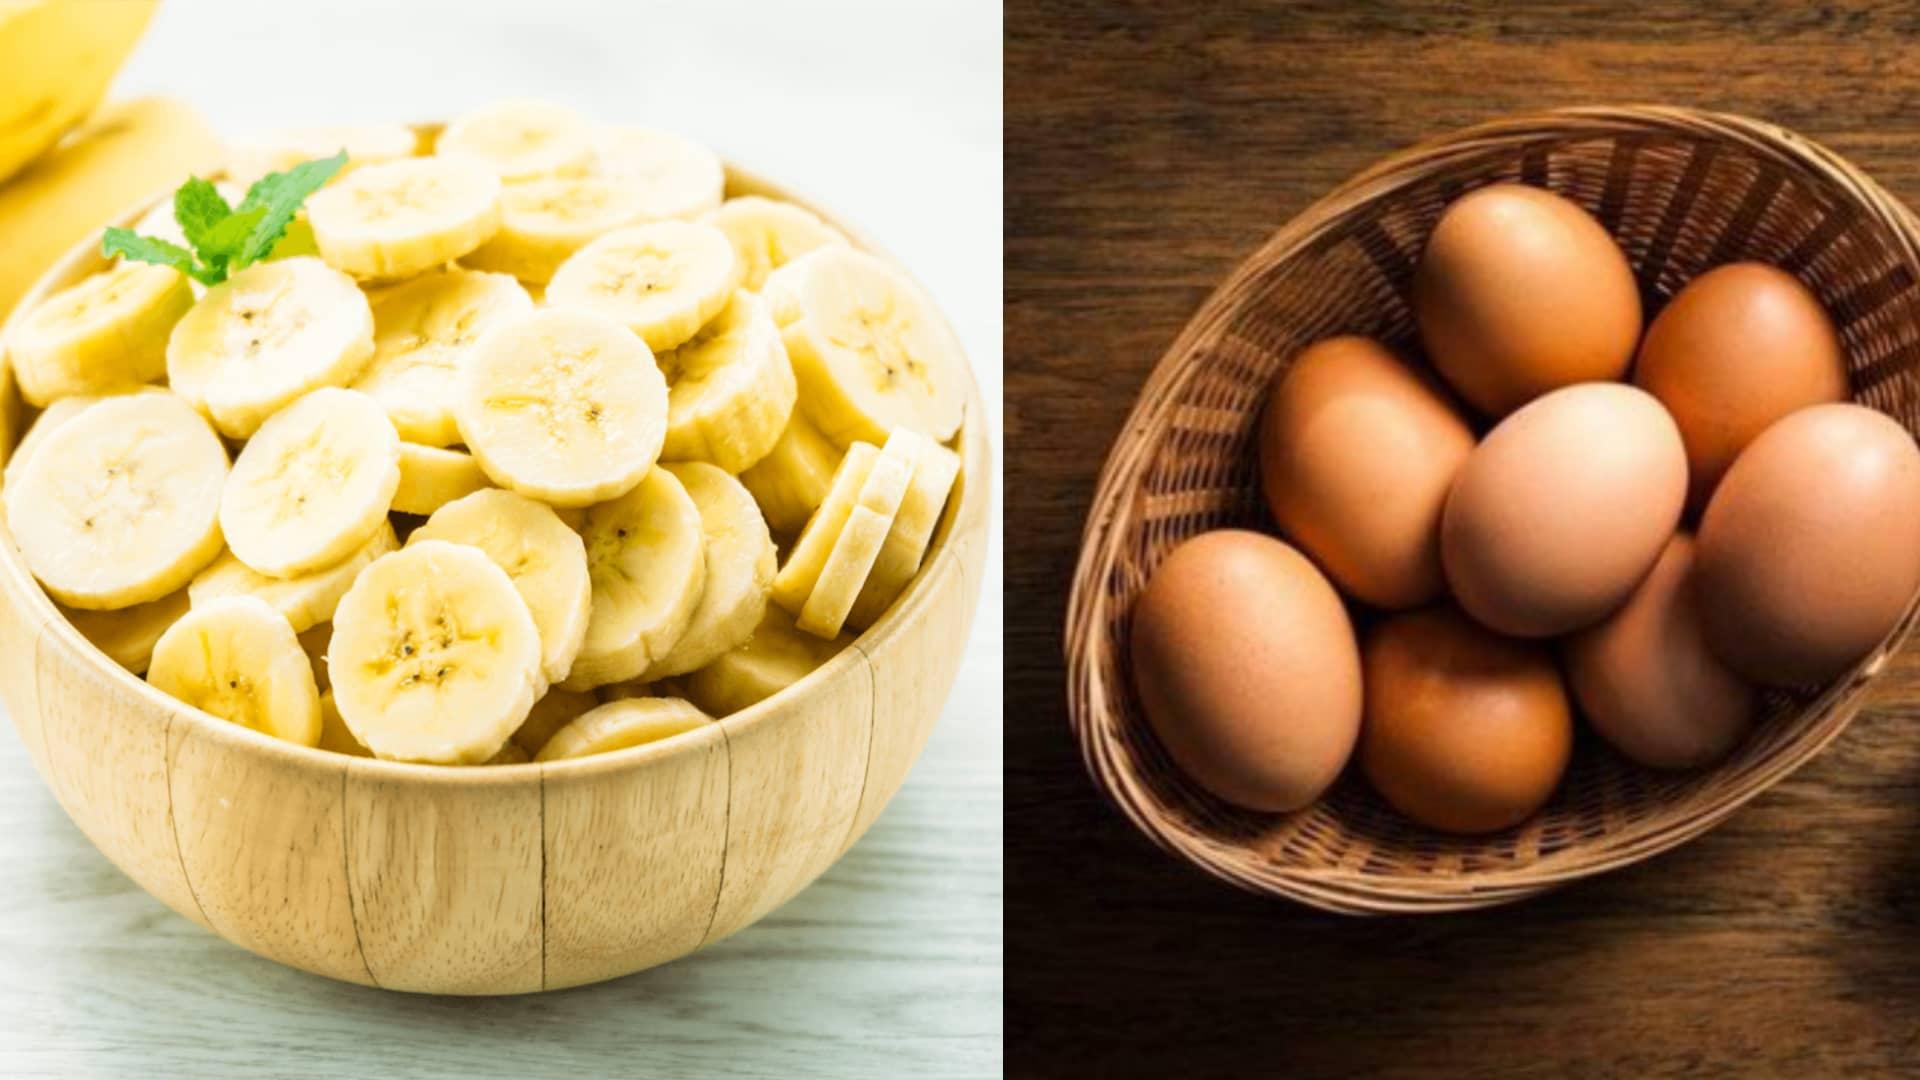 Thực đơn giảm cân với trứng: Bí quyết ăn ngon vẫn có dáng gọn, eo thon chị em nên biết - 1